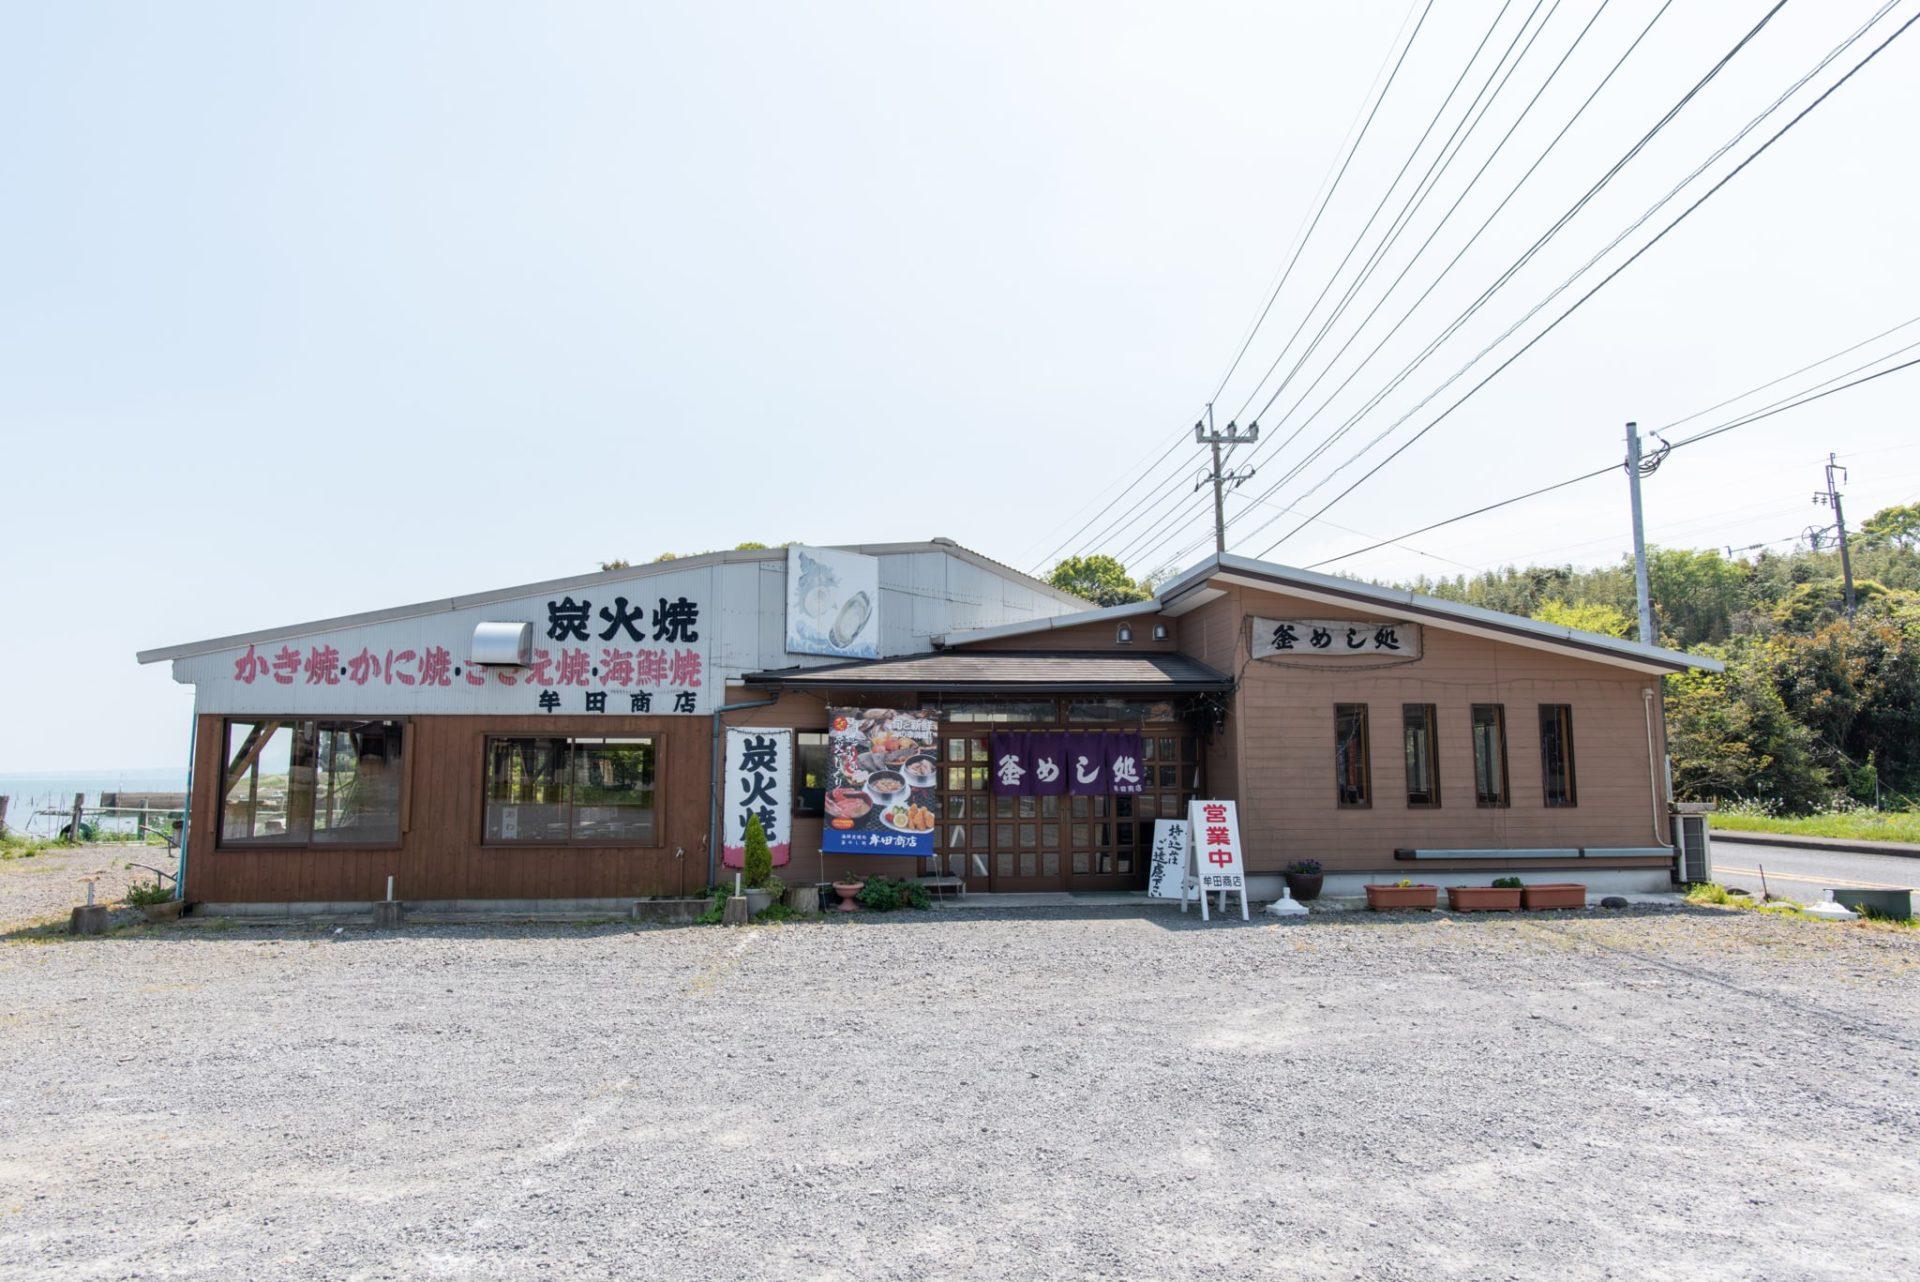 海鮮炭火焼処・釜めし処 牟田商店